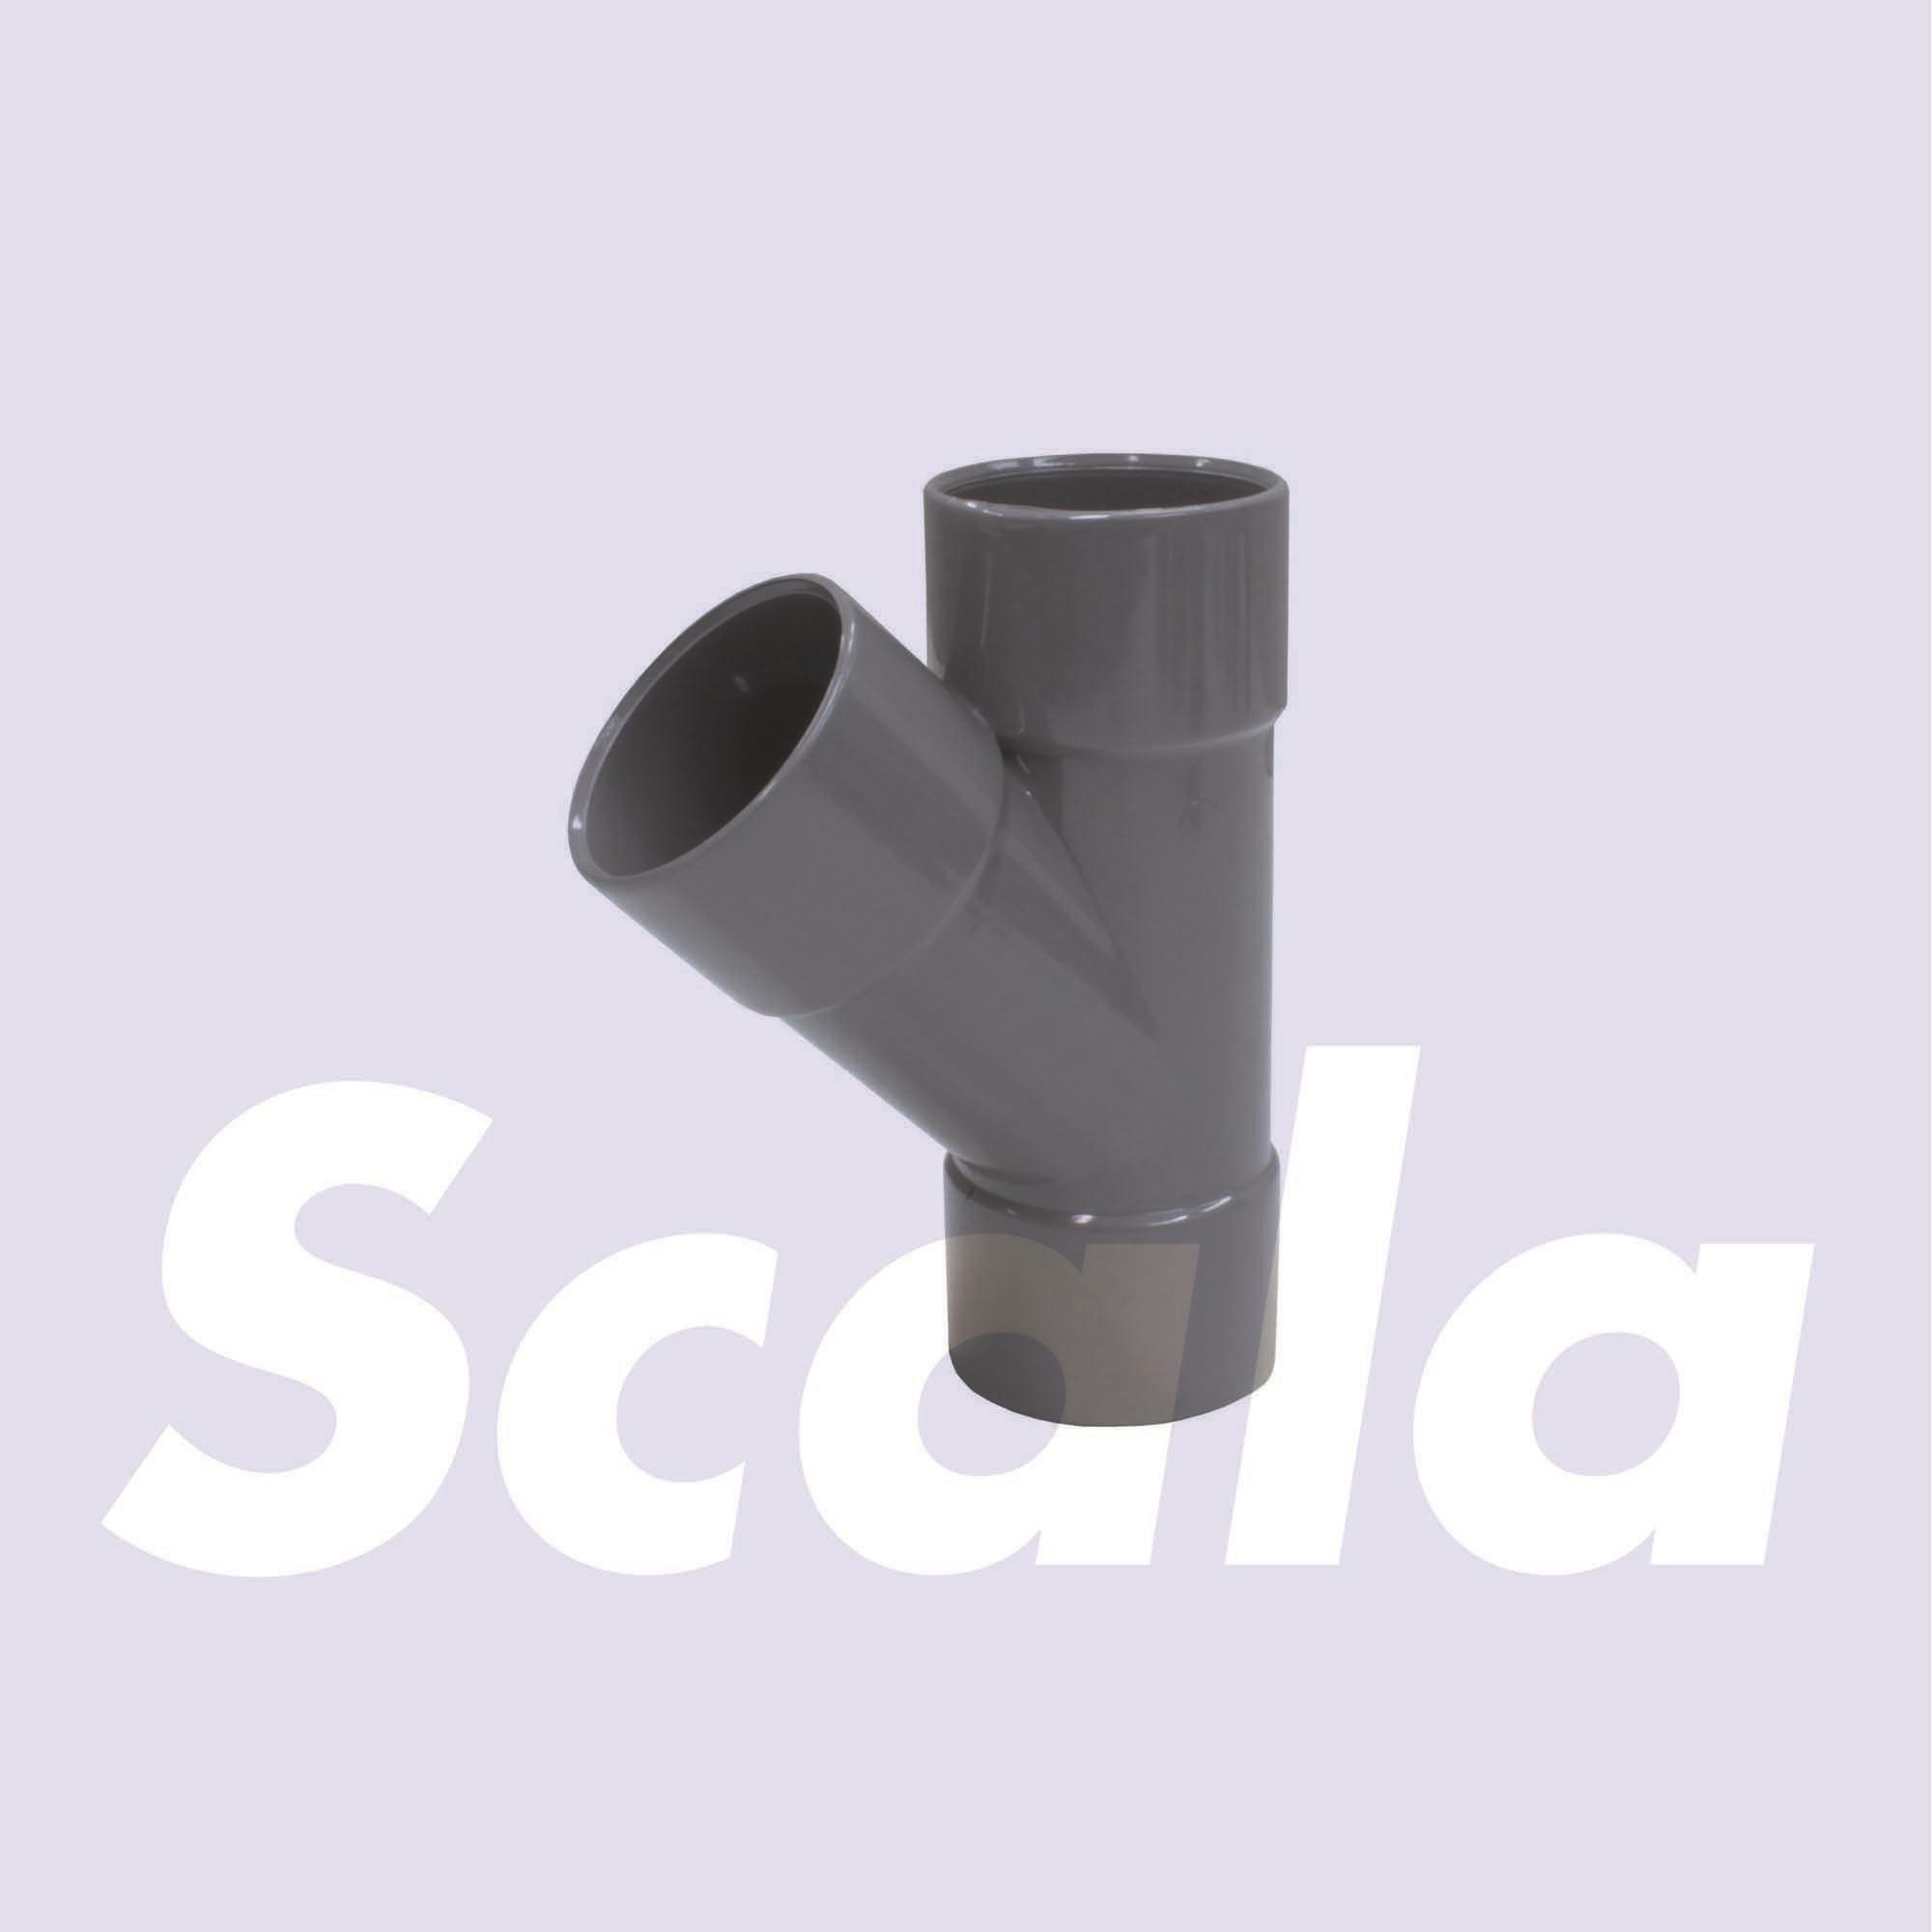 SAN. T-ST. SG DIA 40-45' F/F